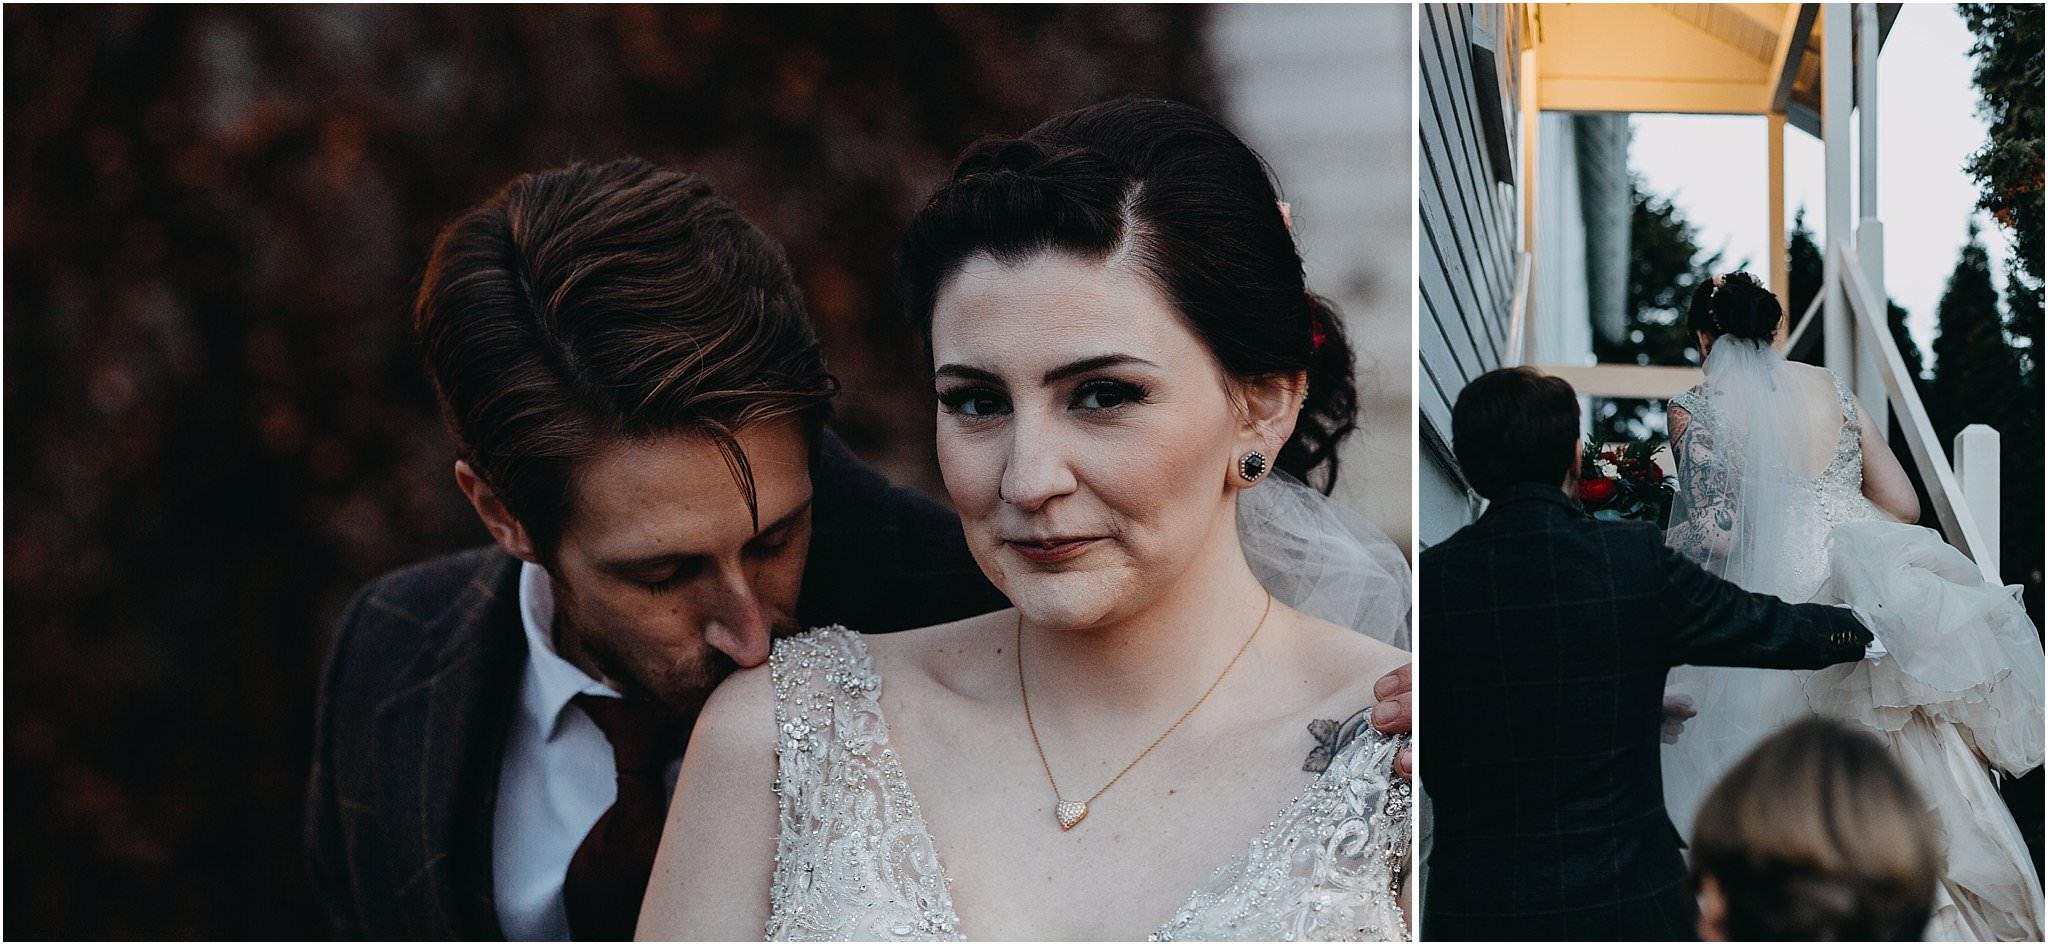 sarah-and-daves-downtown-snohomish-wedding-24.jpg